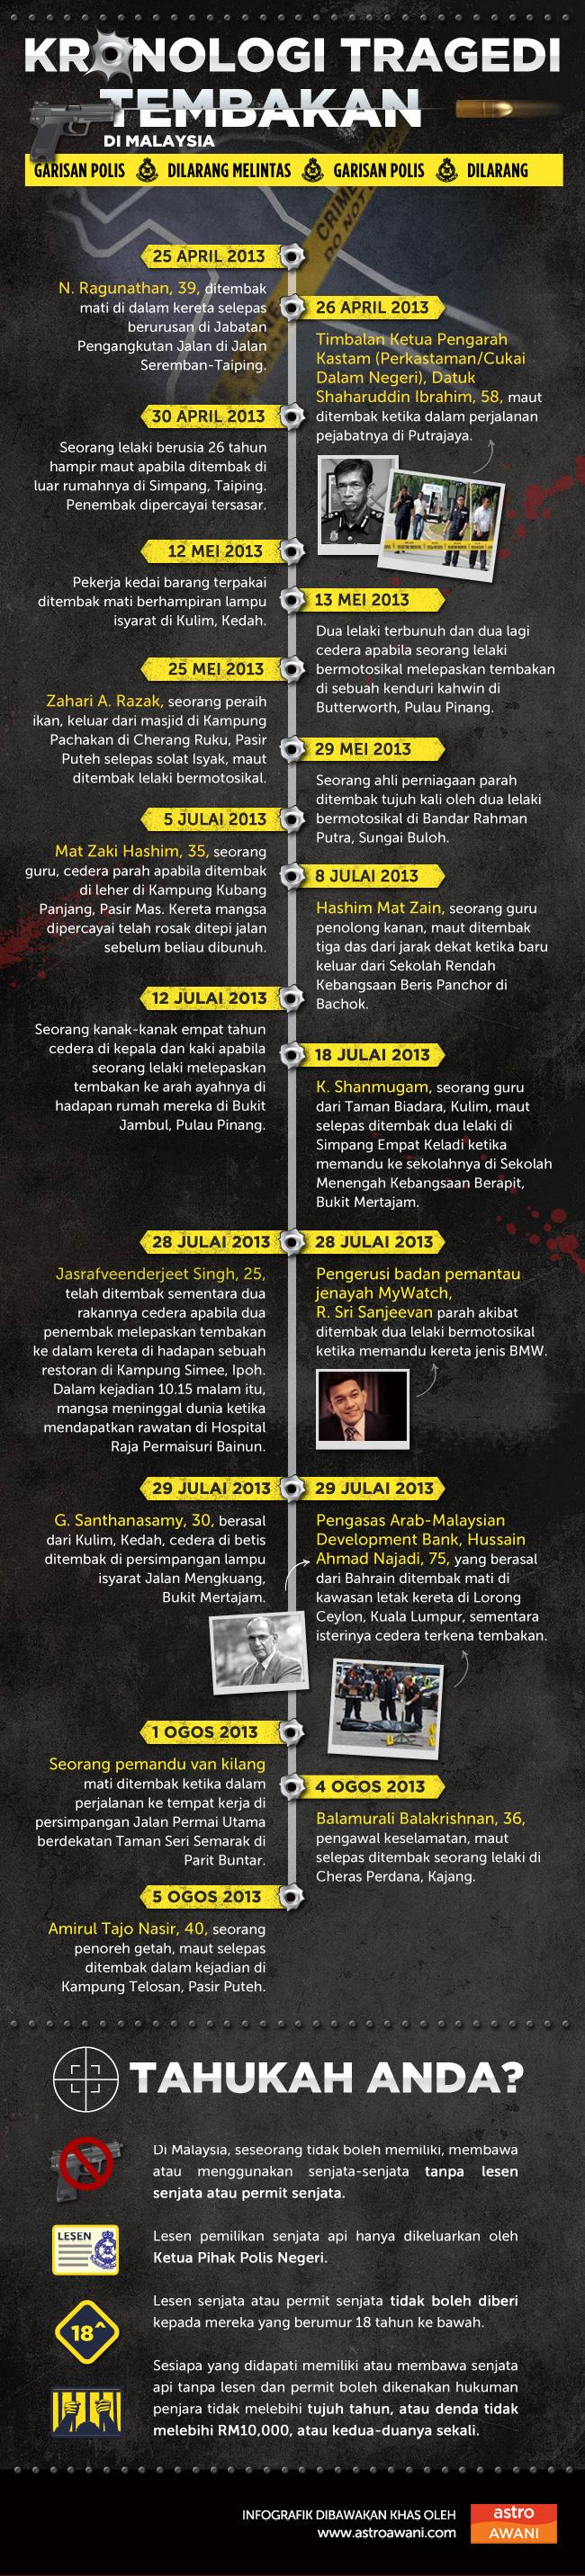 Kronologi kes tembakan di Malaysia